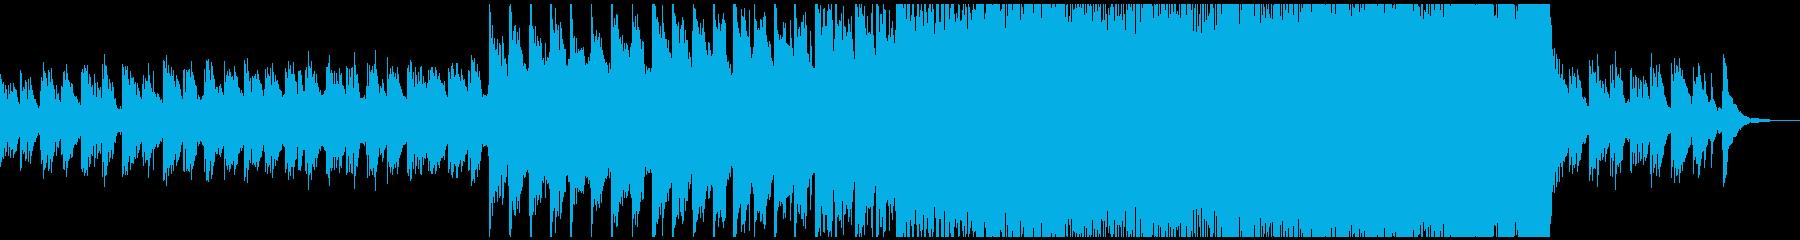 卒業式をイメージしたピアノポップサウンドの再生済みの波形